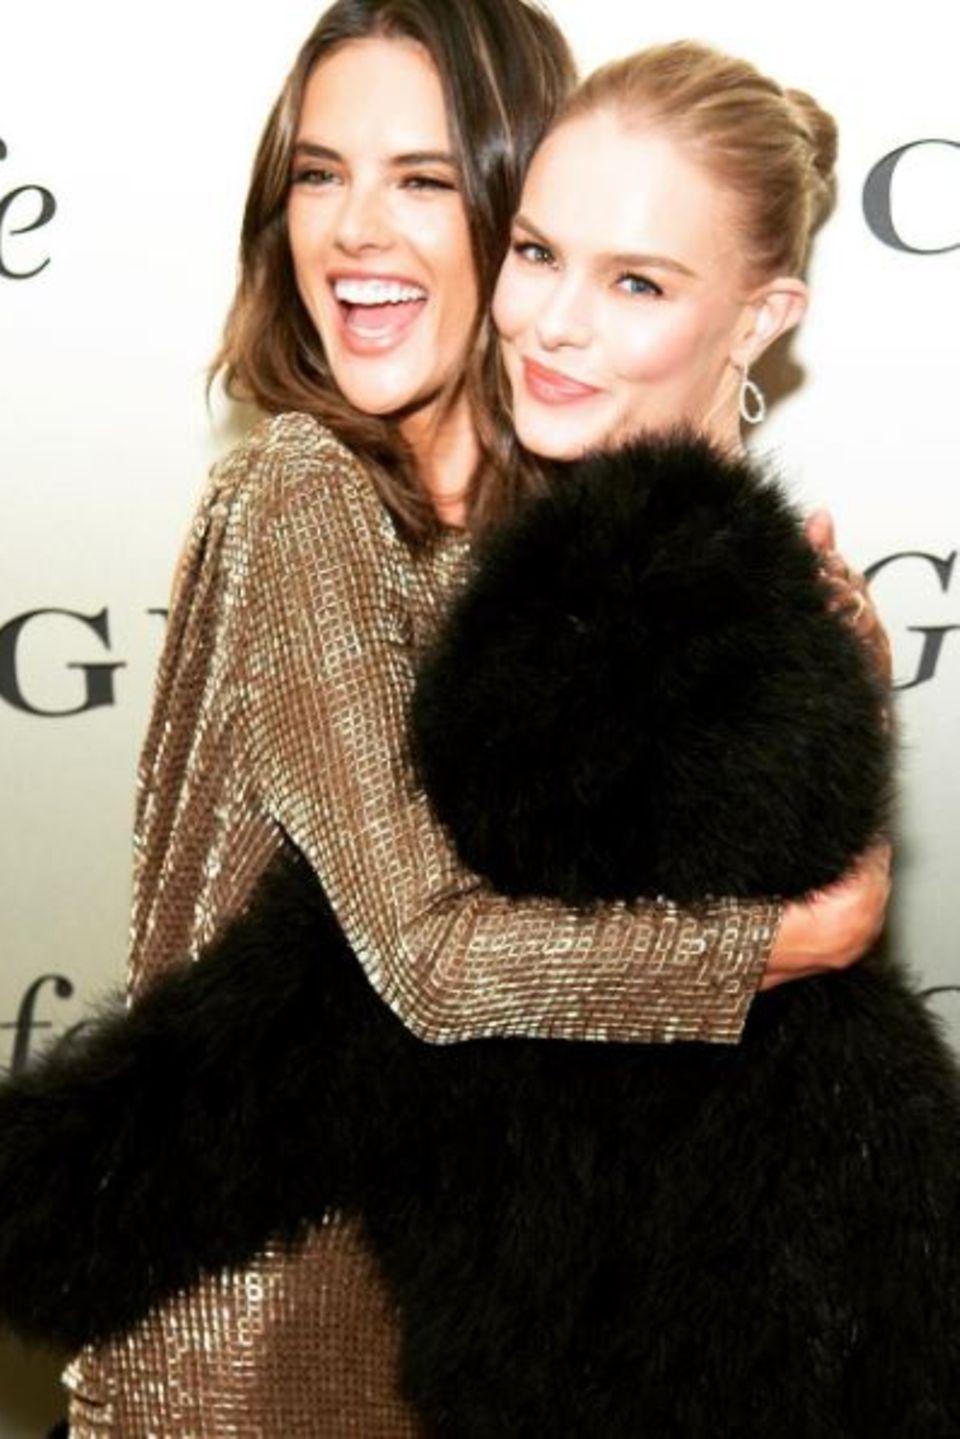 Alessandra Ambrosio und Kate Bosworth   Die beiden Freundinnen treffen sich bei einer Veranstaltung auf dem roten Teppich und herzen sich erstmal innig.